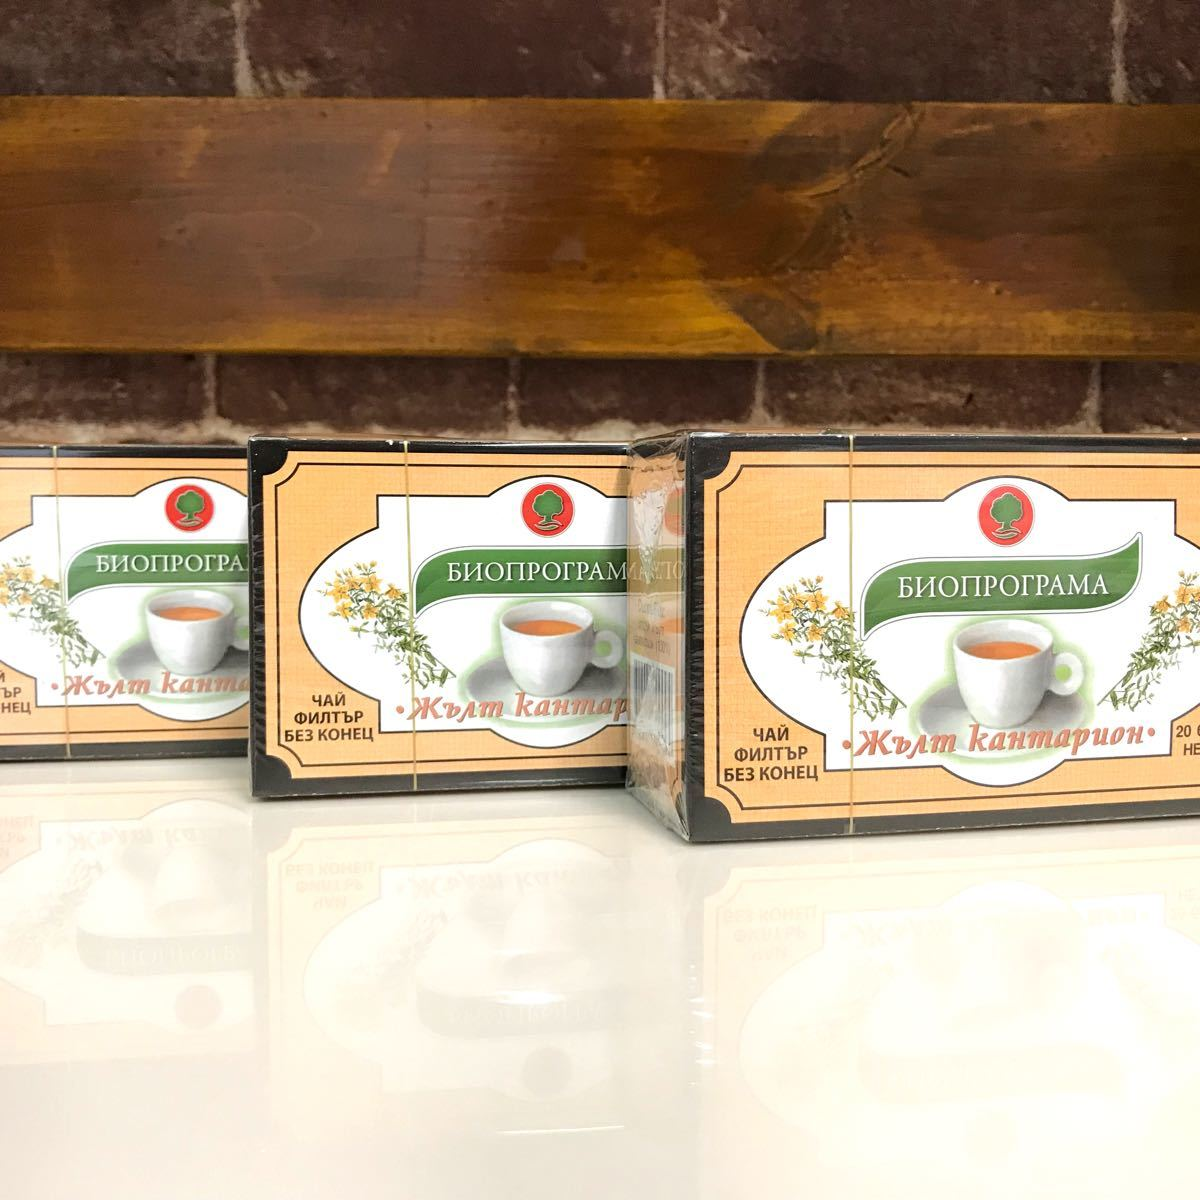 オーガニック:セントジョンズワート オーガニックメンタルケア ノンカフェイン 20袋入× 3箱 ハーブティー